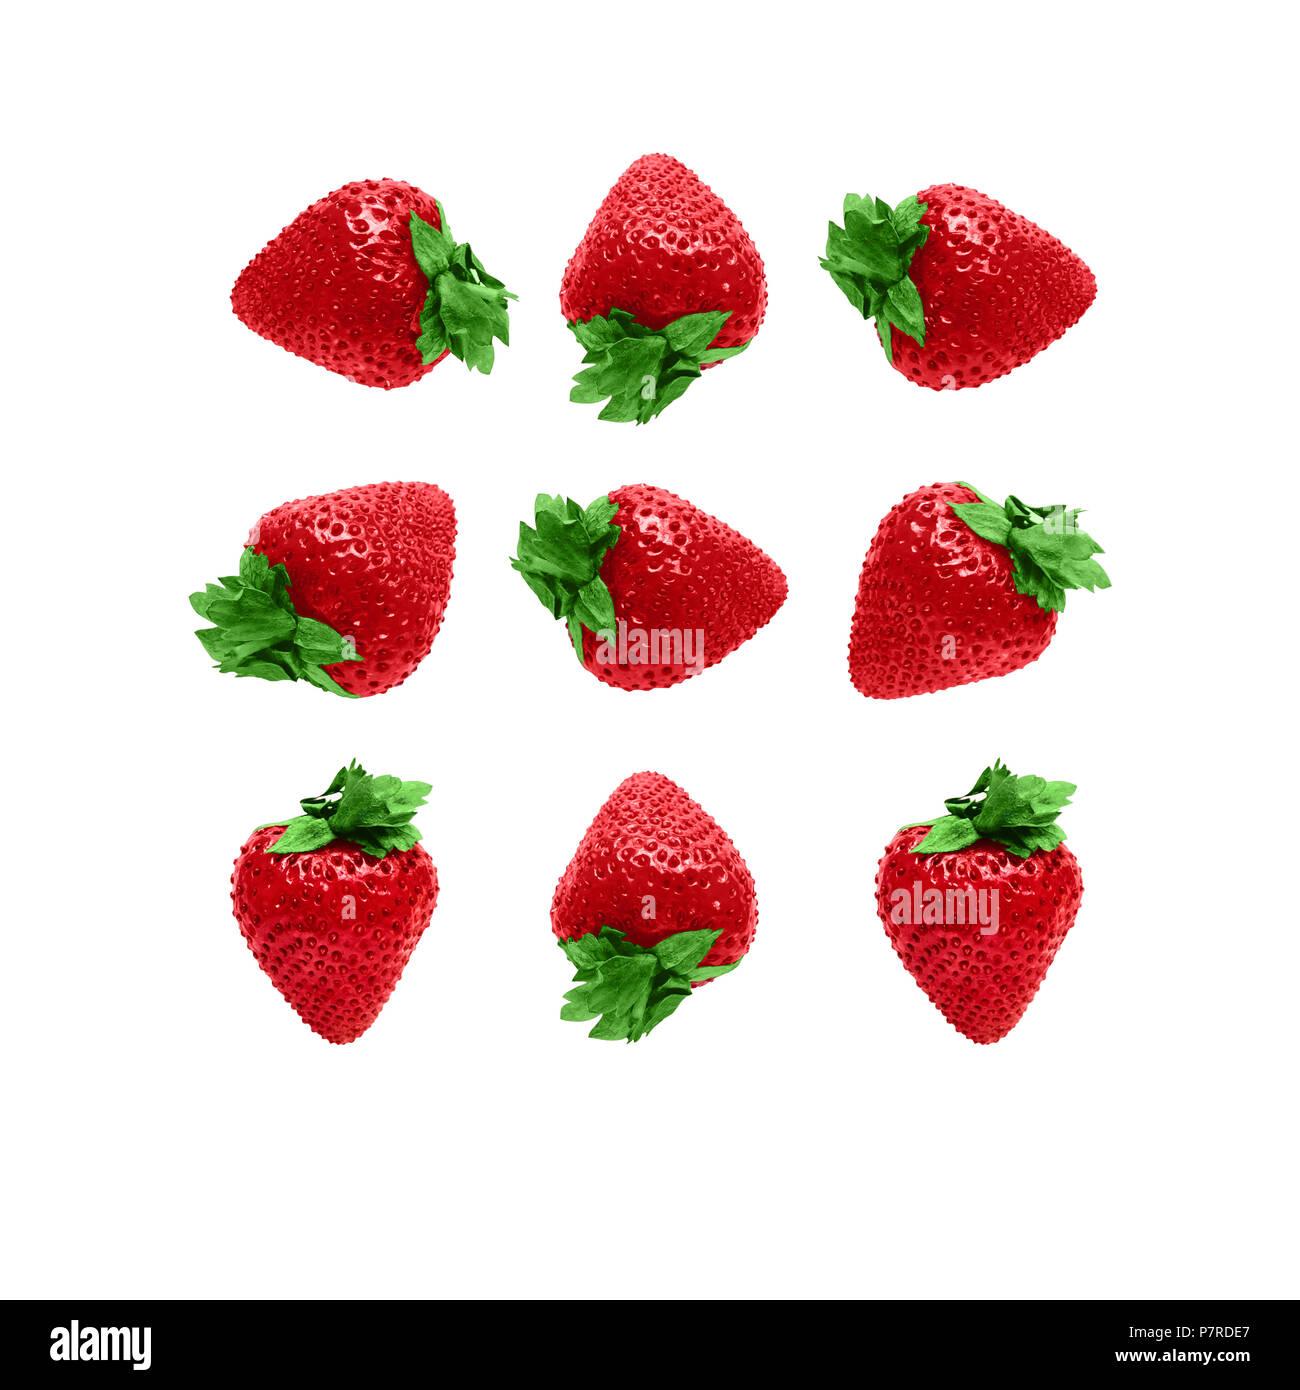 Modelo muchas fotos de fresa madura fresas jugosas están situadas en diferentes ángulos sobre un fondo blanco. Imagen De Stock